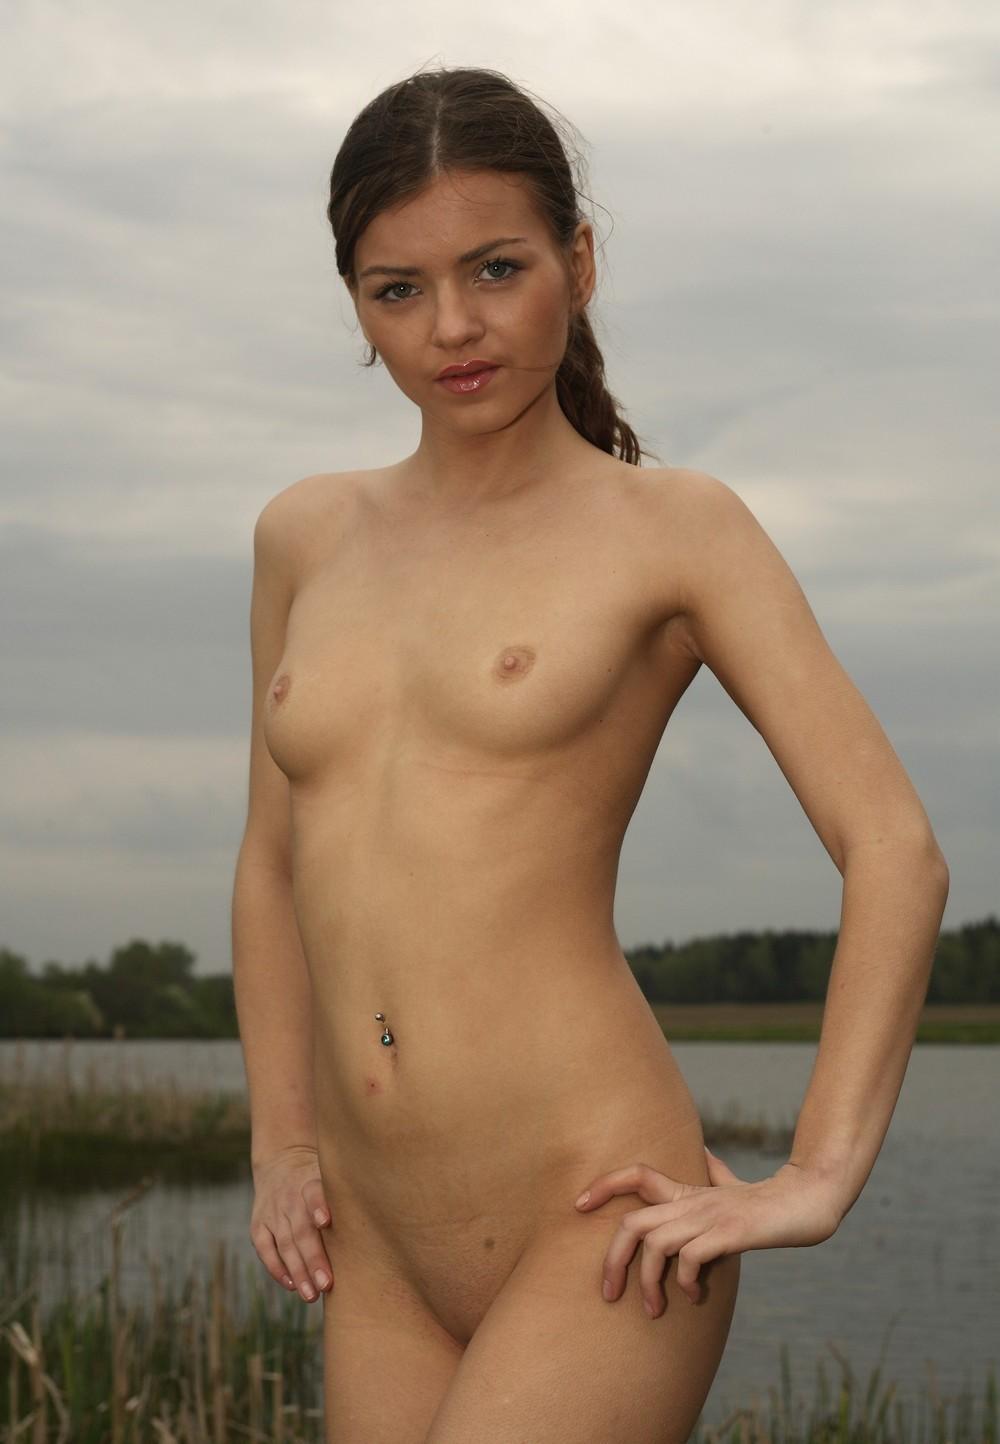 Откровенные снимки молодых русских девушек (18+)